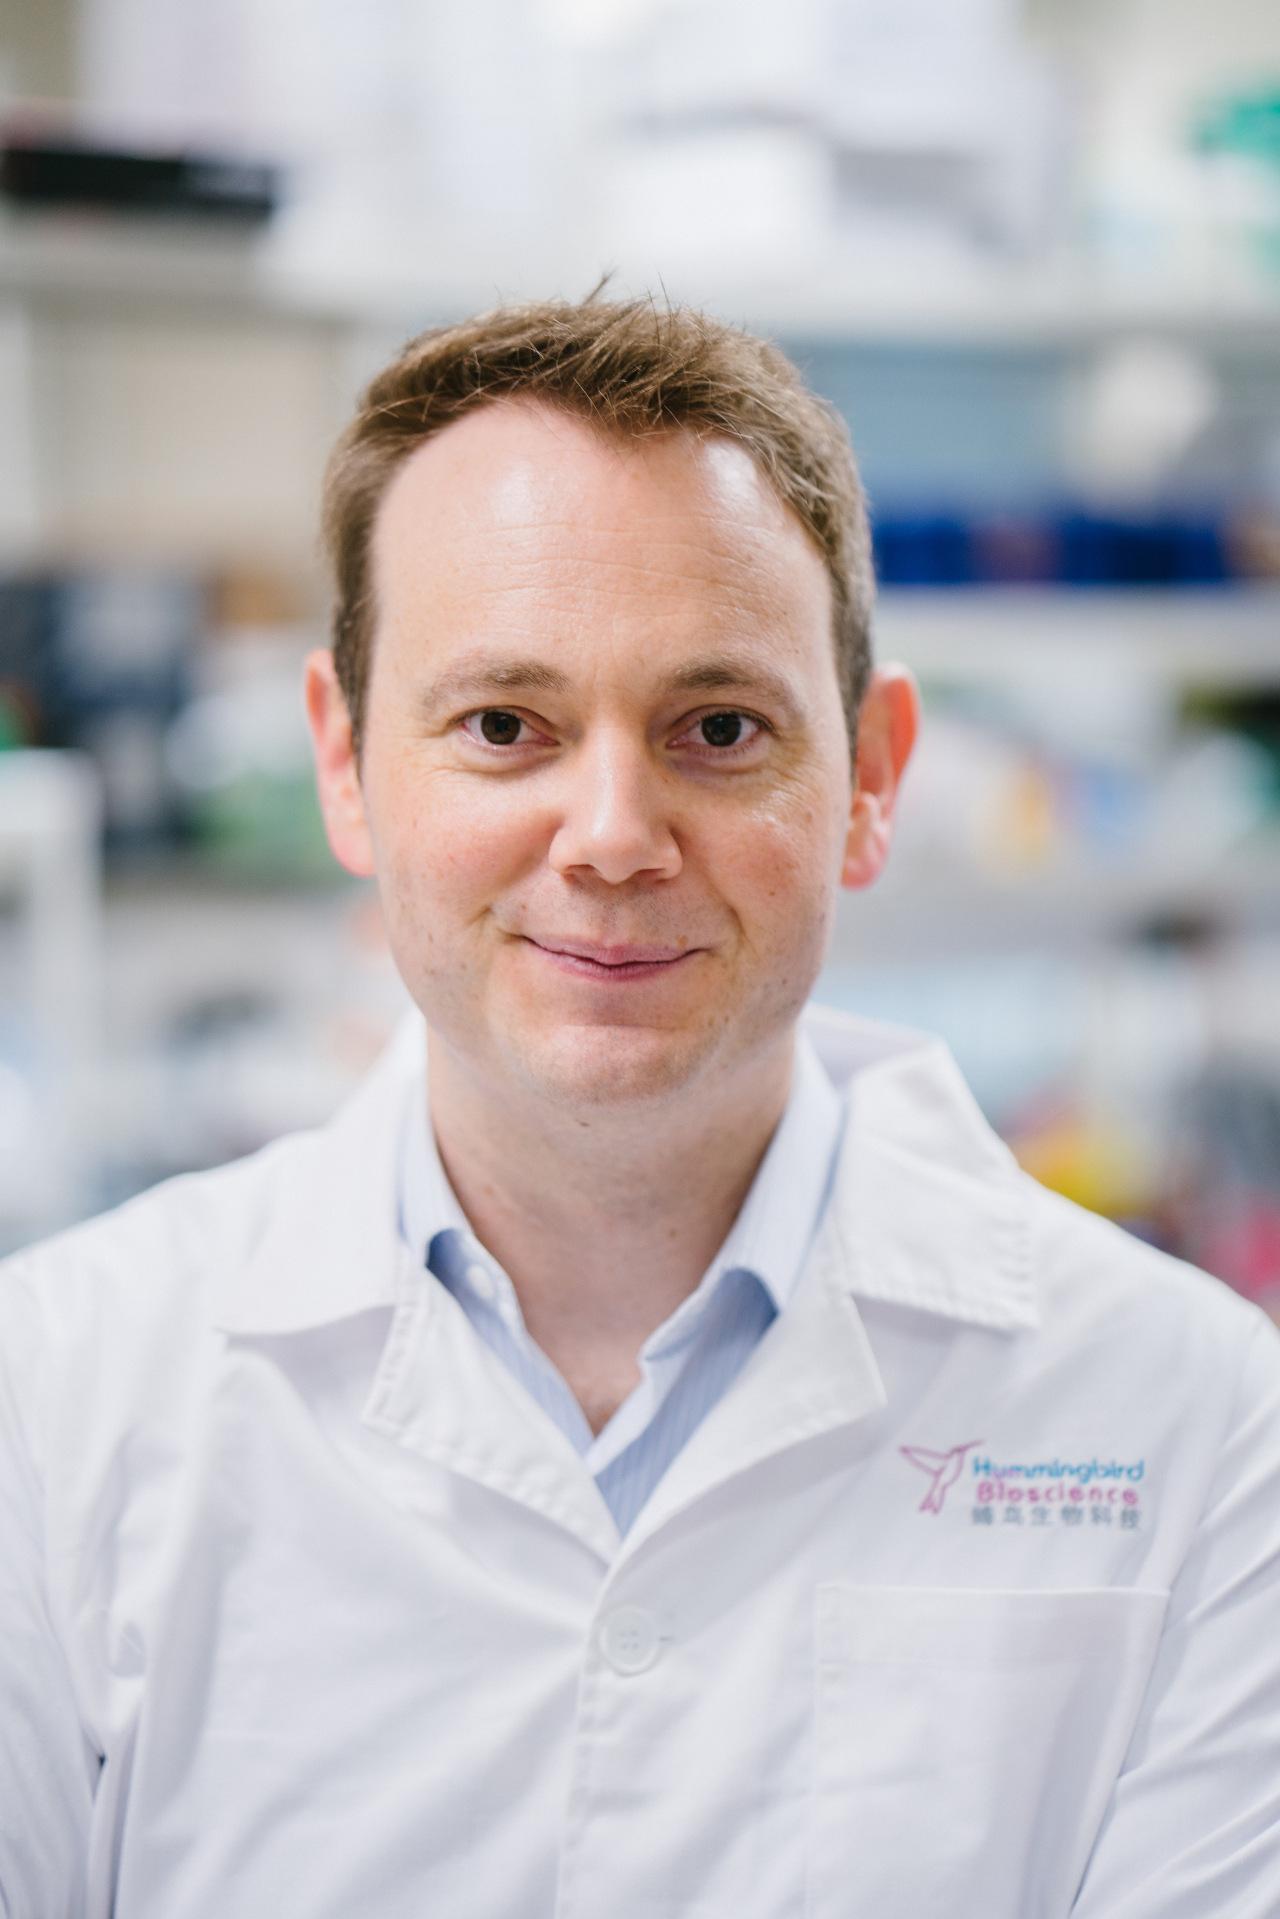 Hummingbird Bioscience CEO Piers Ingram